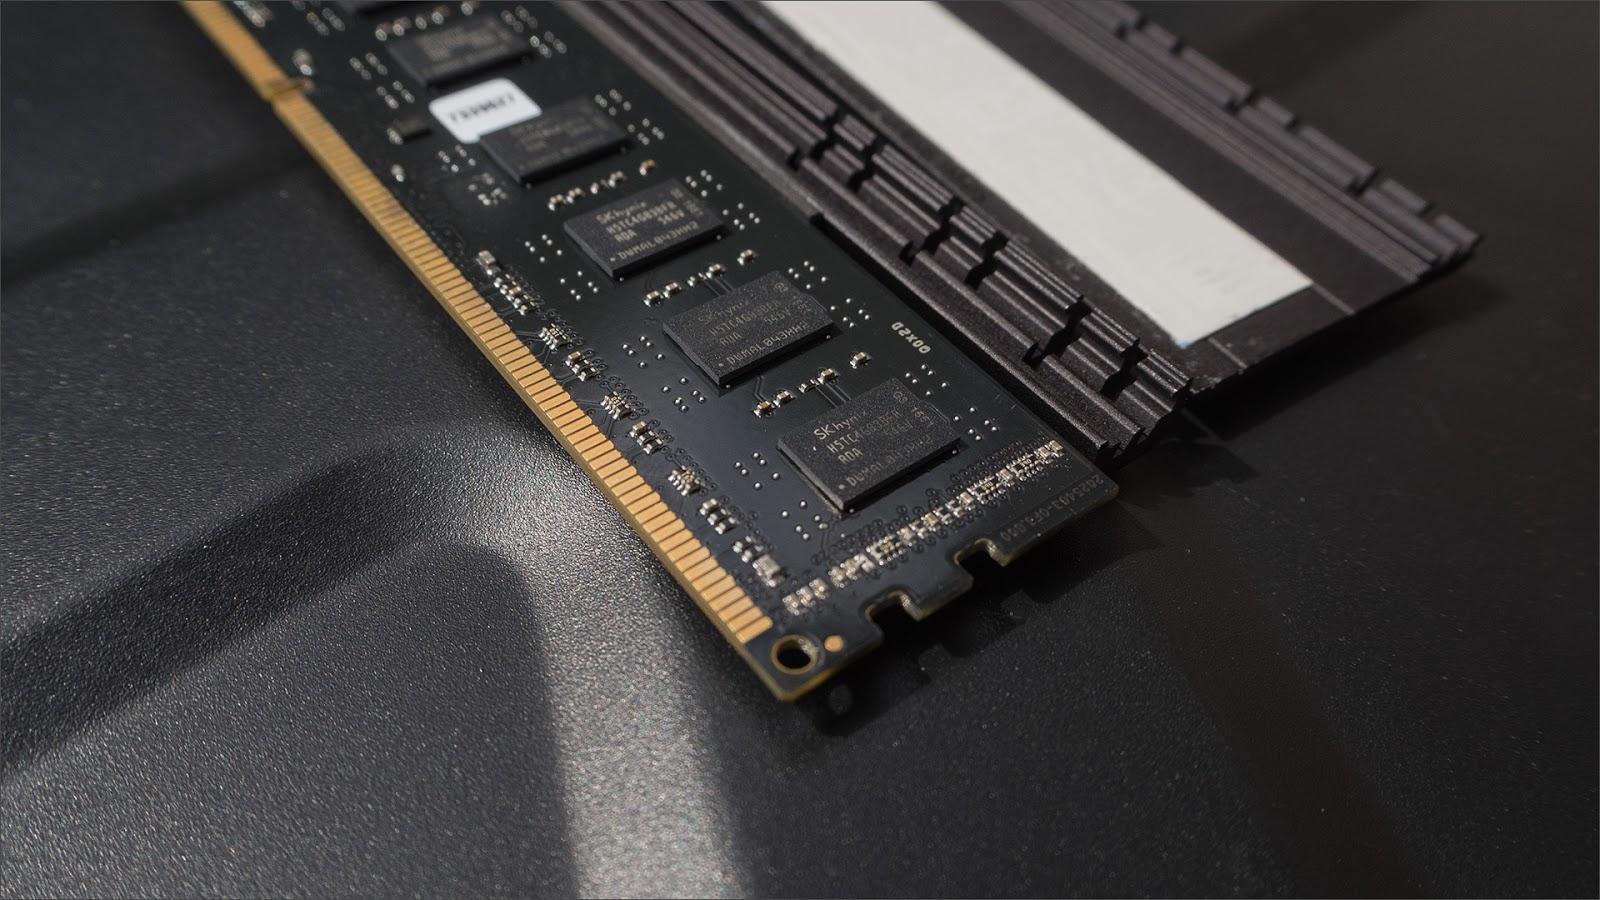 Новые пушки для старого дредноута: сверхбыстрая DDR3 в 2017 году - 8